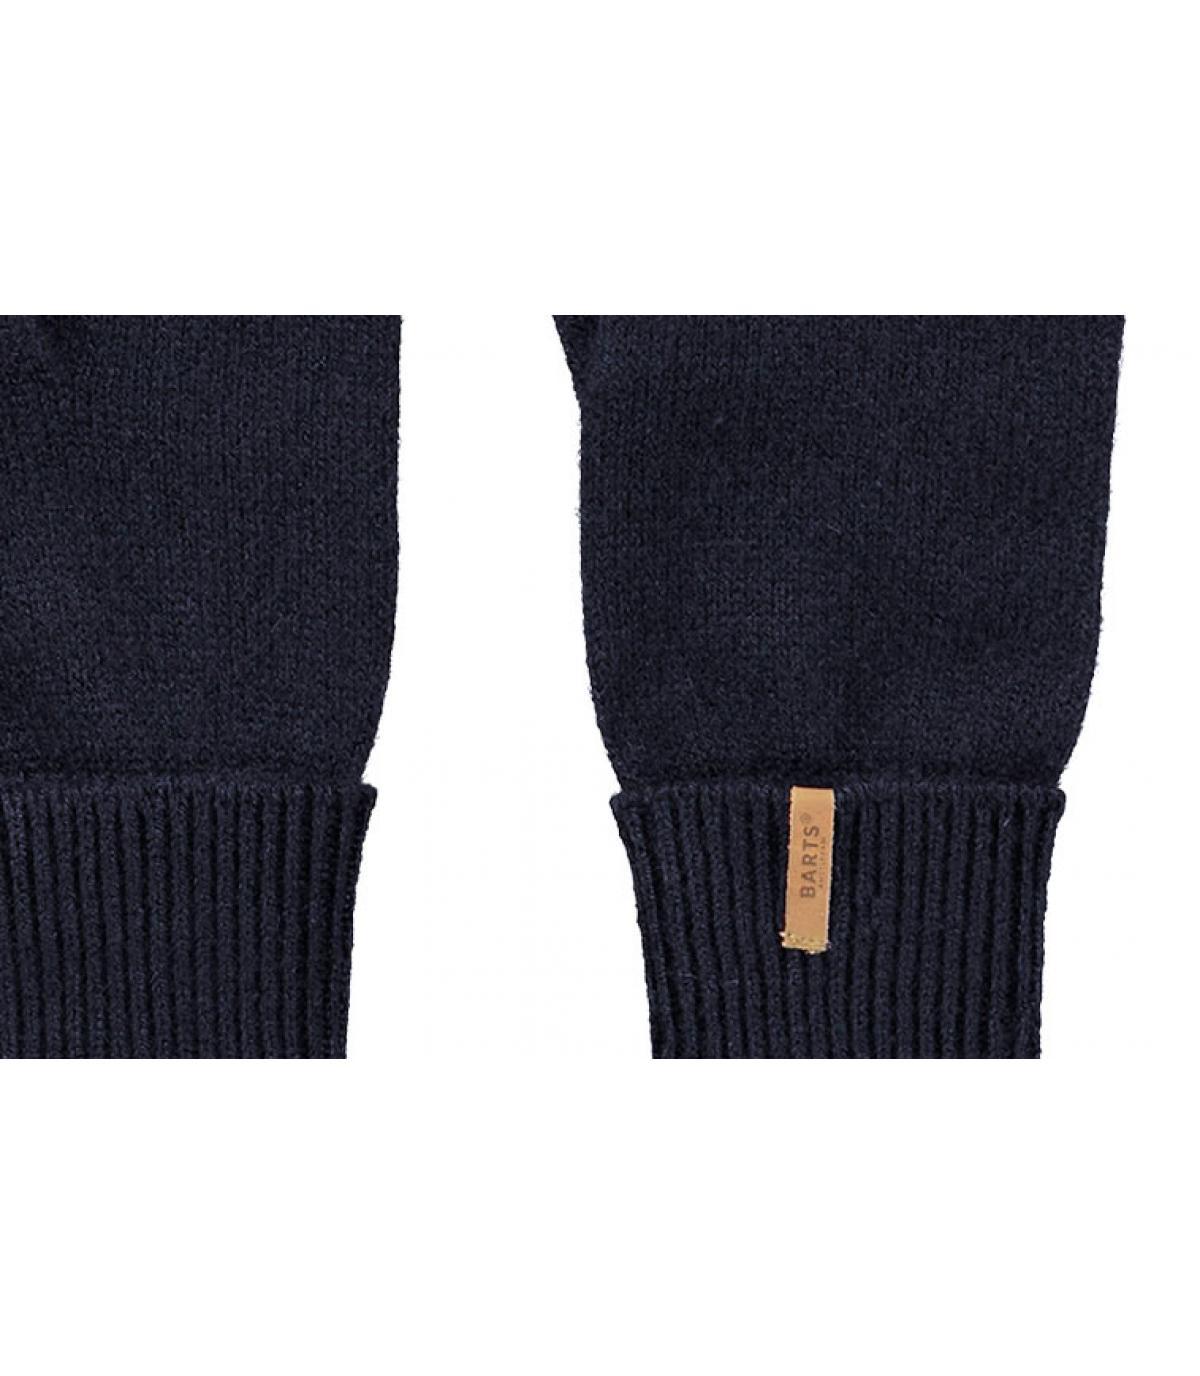 Detalles Fine Knitted Gloves navy imagen 2